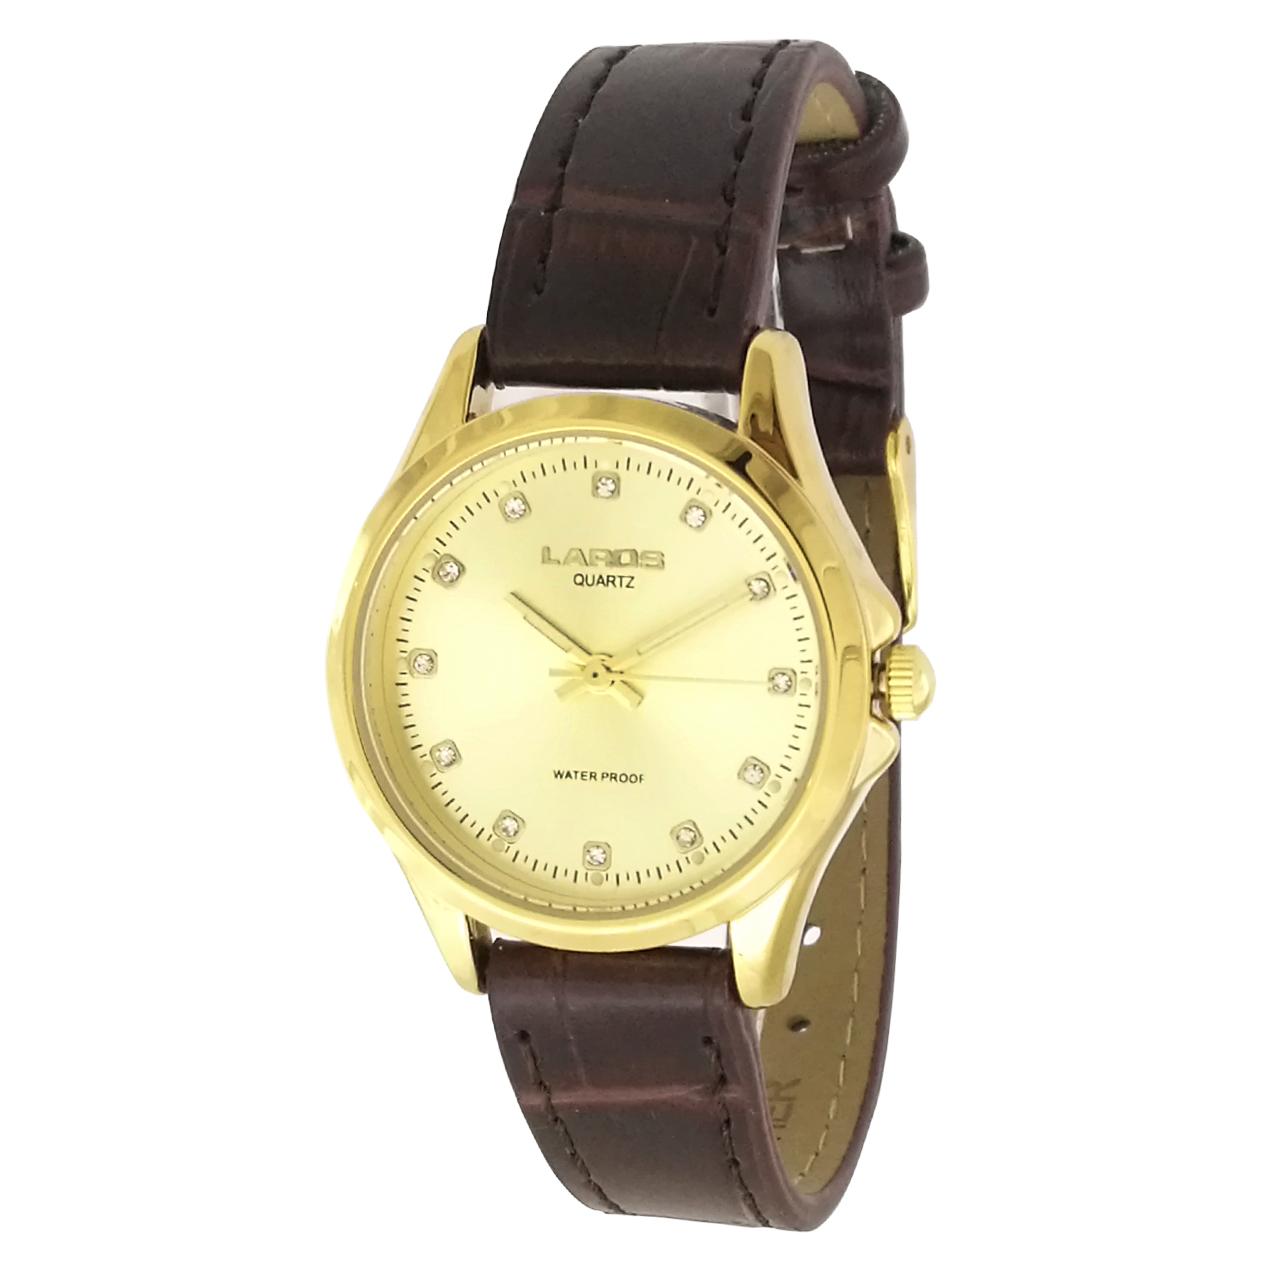 ساعت مچی عقربه ای زنانه لاروس مدل  0118-80227-s به همراه دستمال مخصوص برند کلین واچ 5